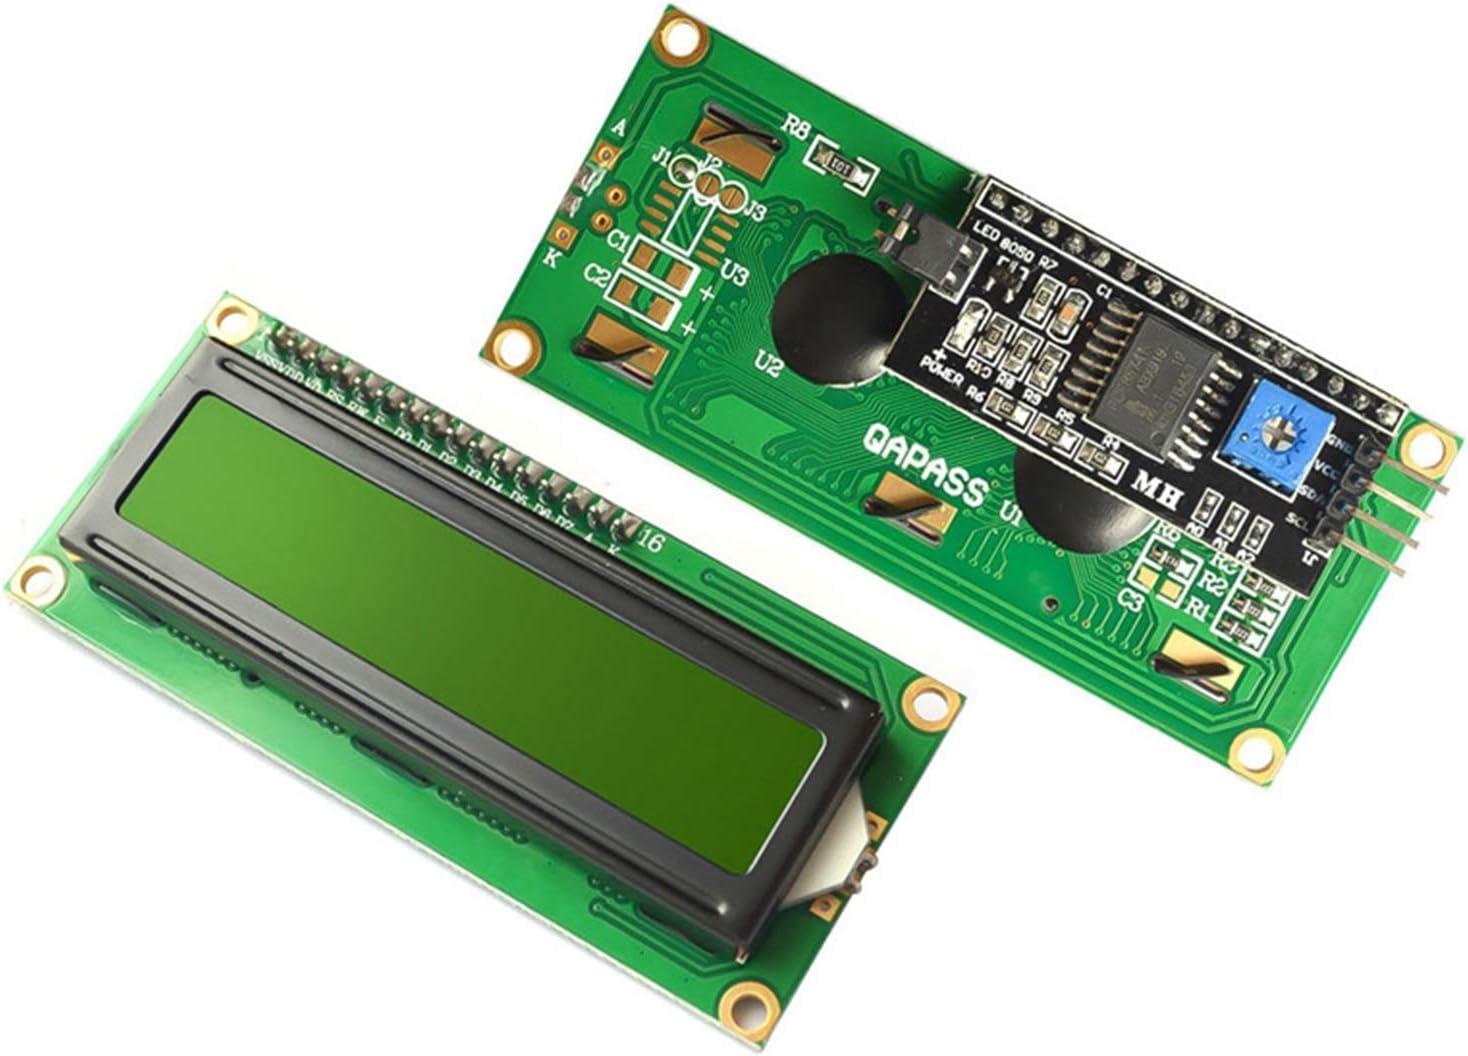 3.3V 5V LCD1602A Character Dot Matrix LCD Display Module 16x2 Black Background